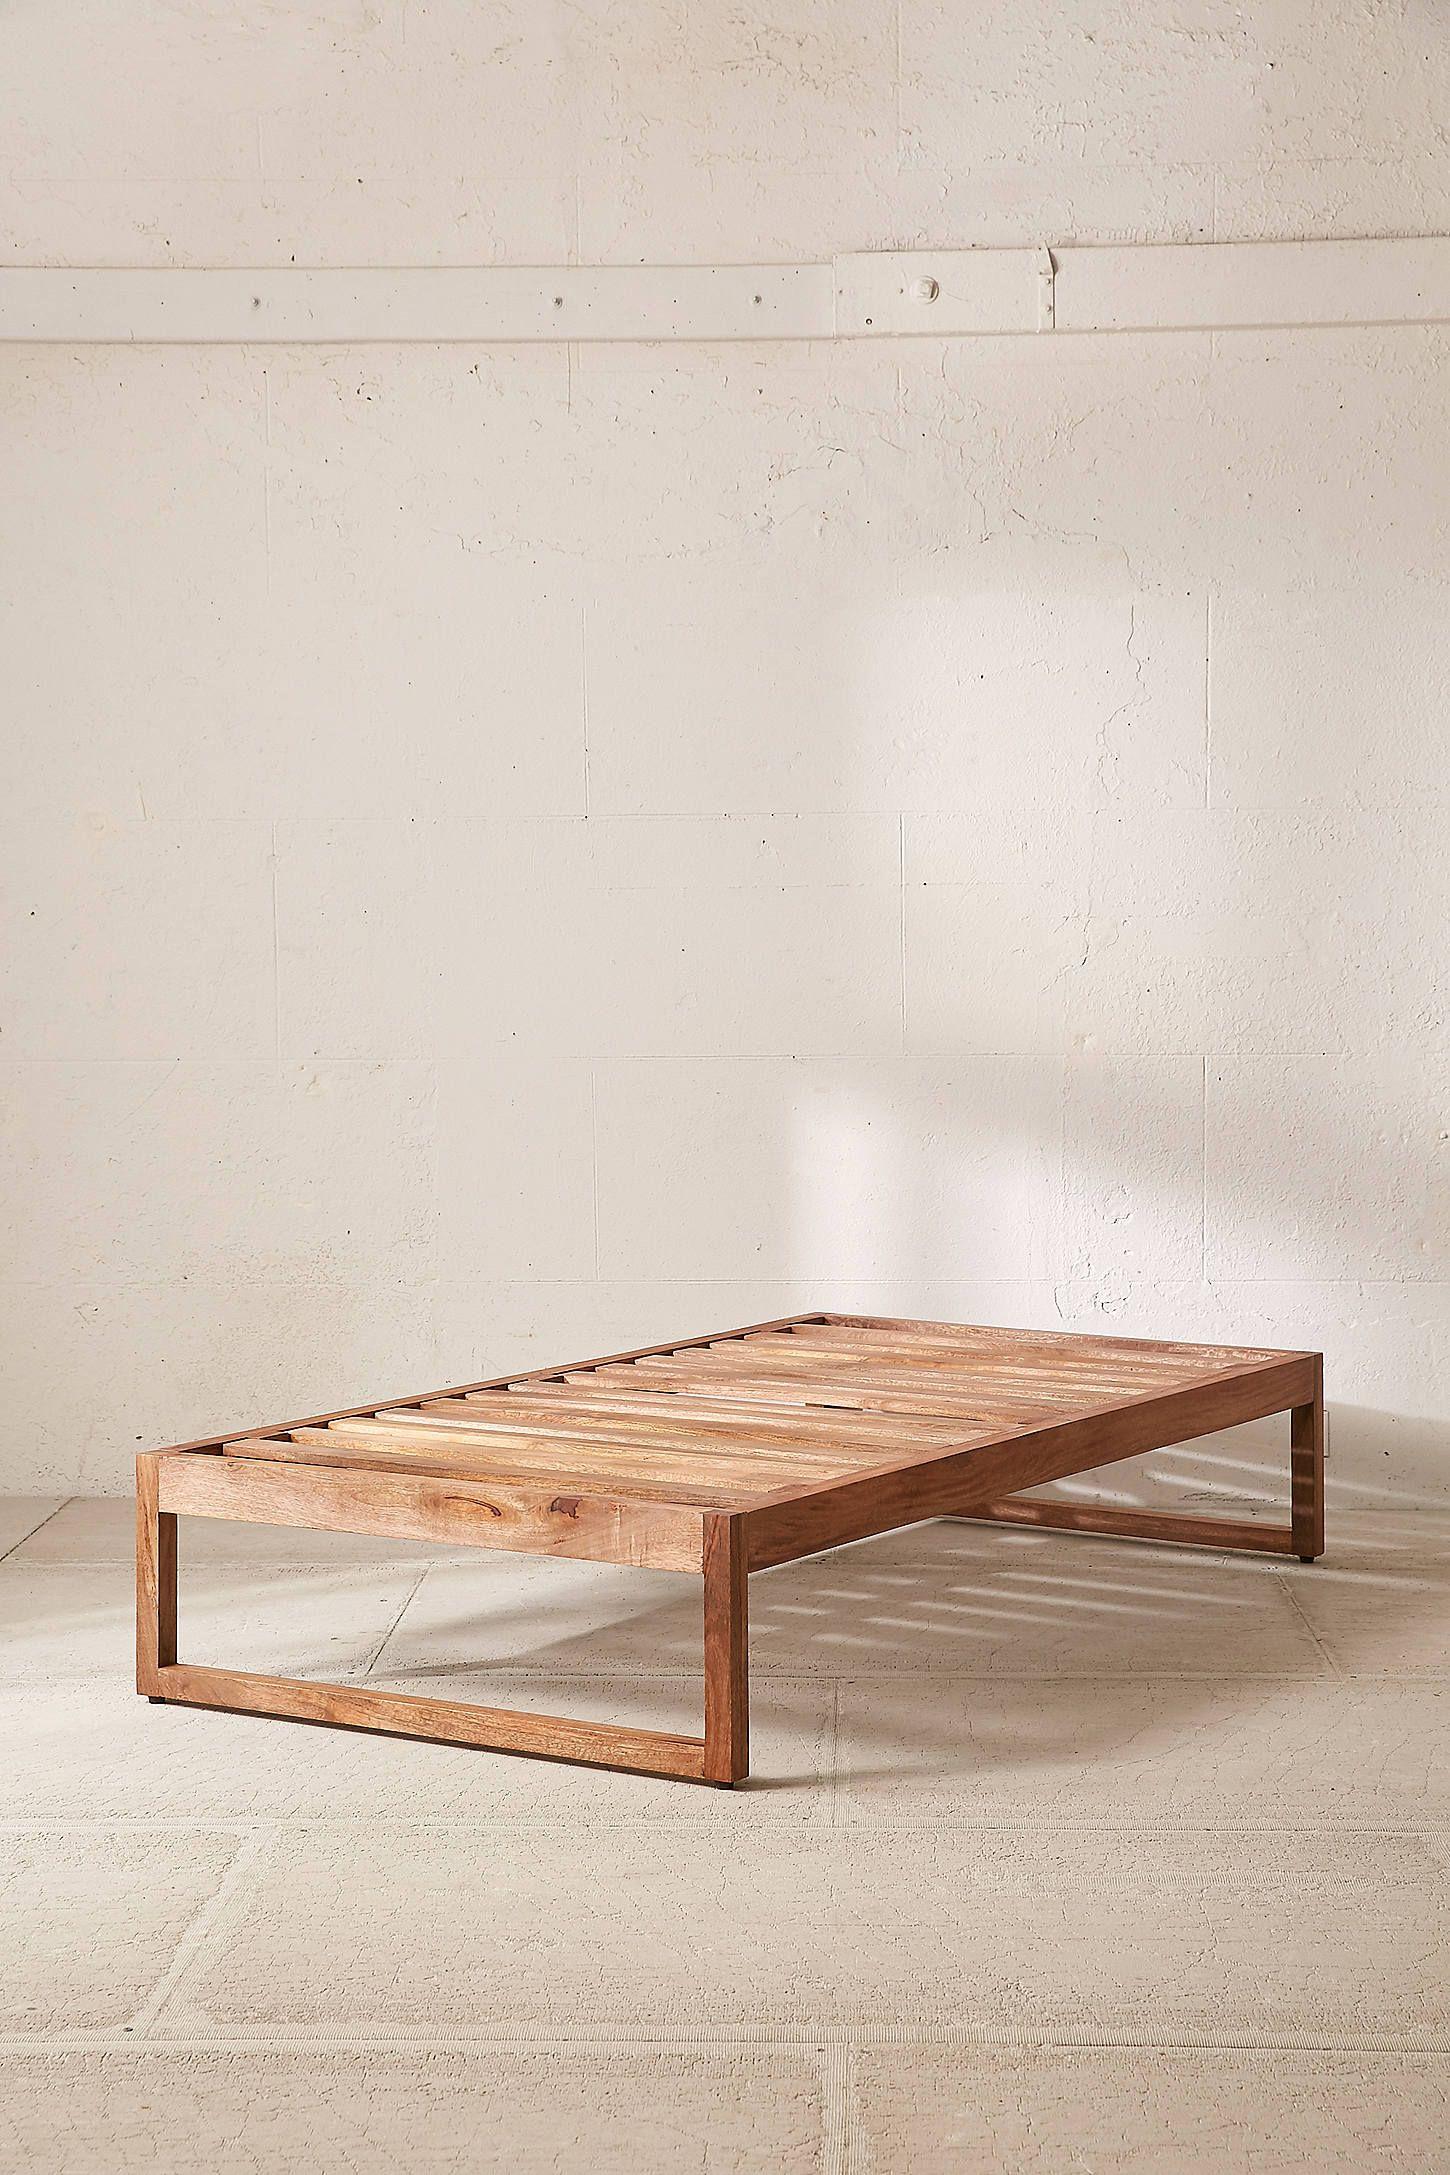 Morey Platform Bed | Pinterest | Platform beds, Room and House